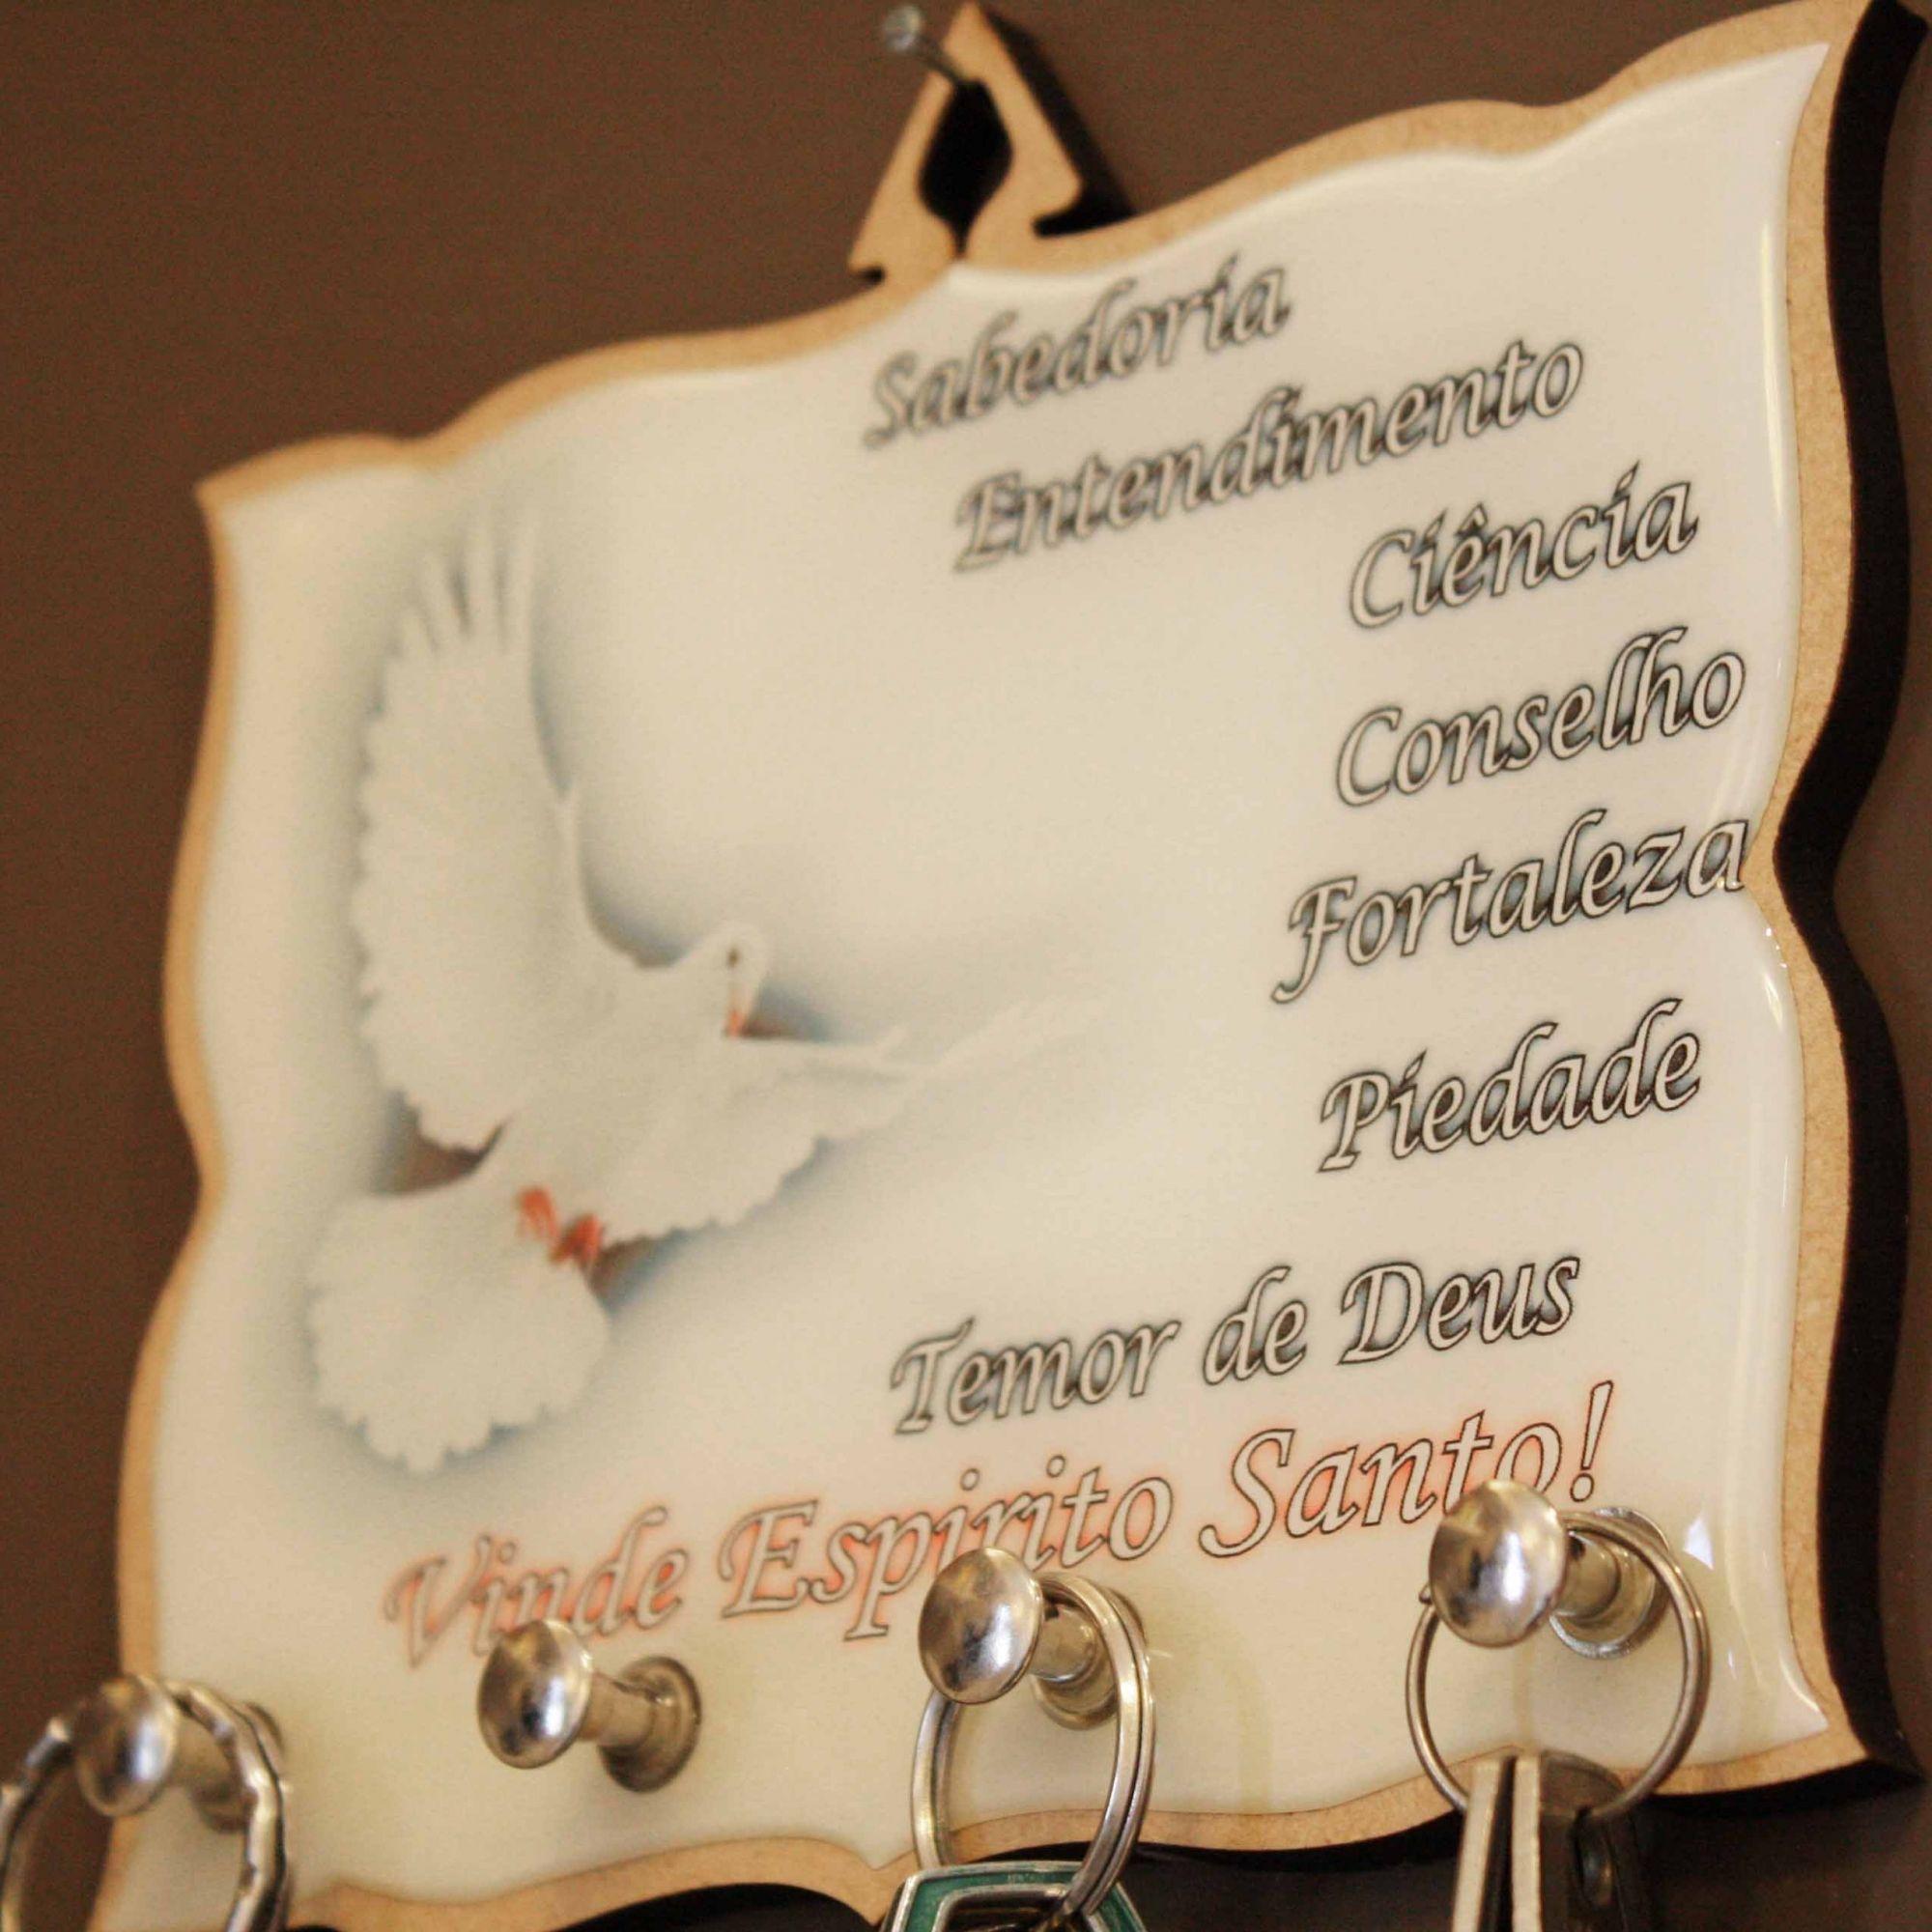 Porta Chaves - Vinde Espírito Santo  - Universo Religioso® - Artigos de Umbanda e Candomblé